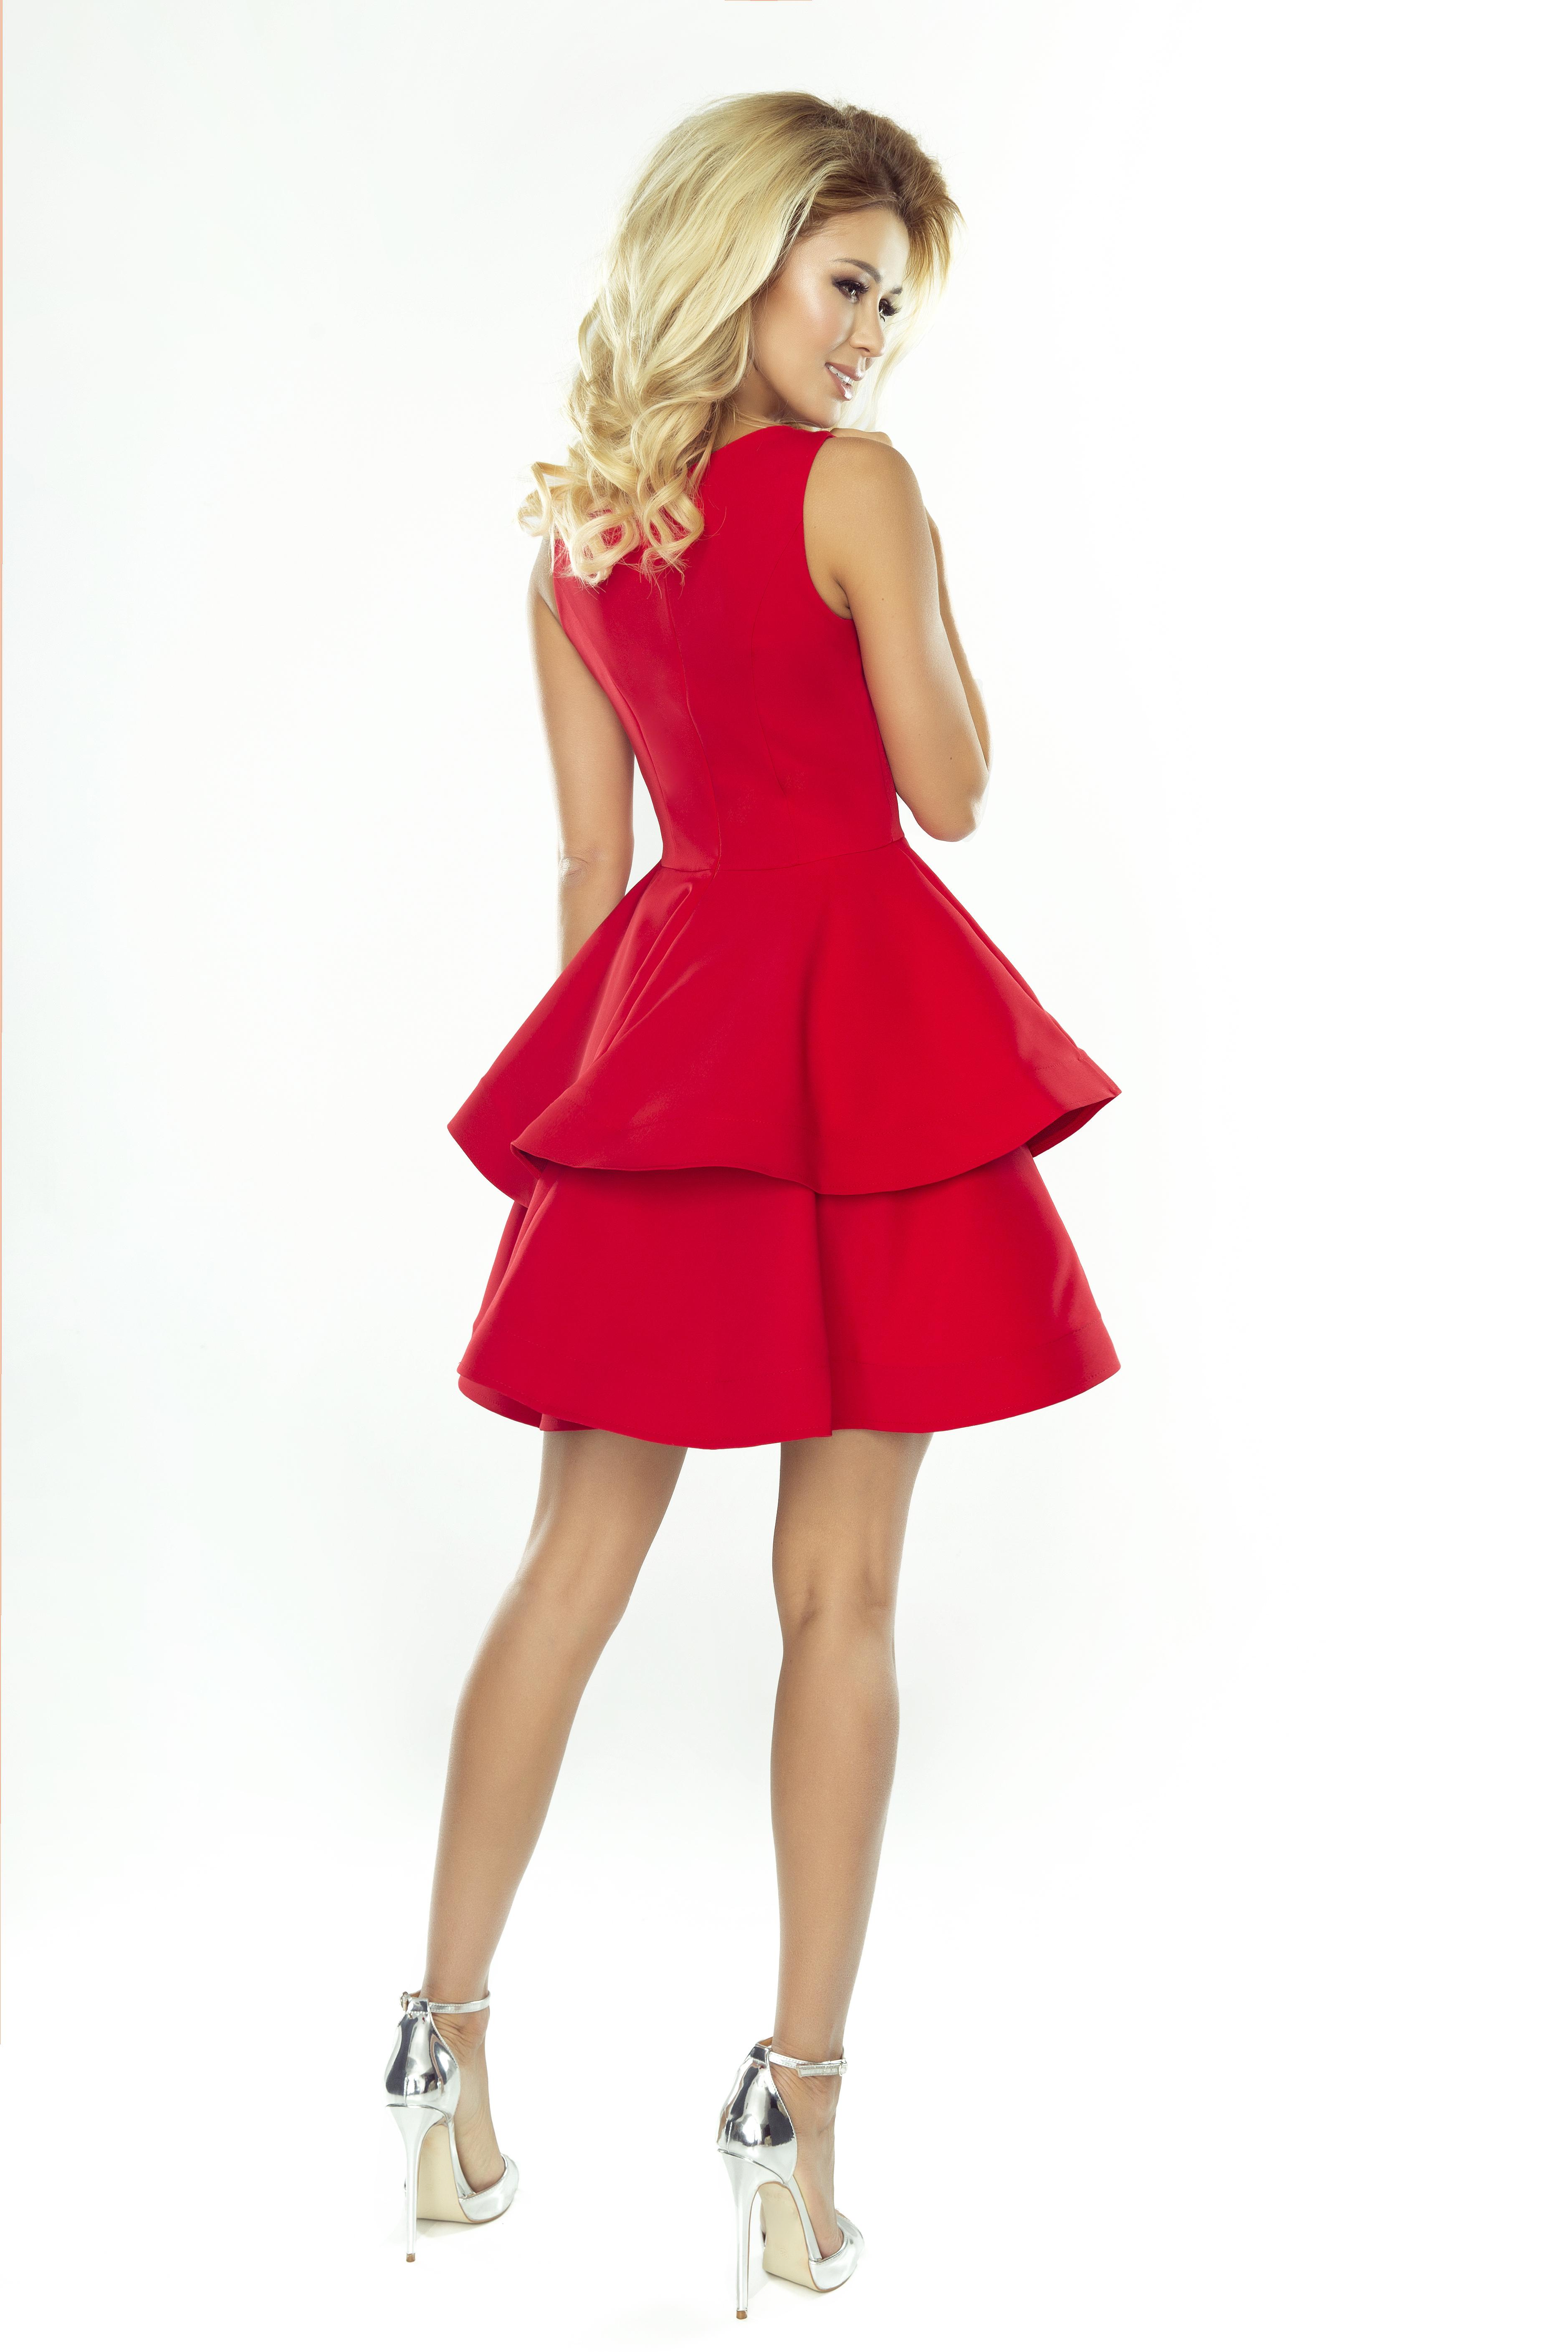 Cristina rød kjole med flæser.